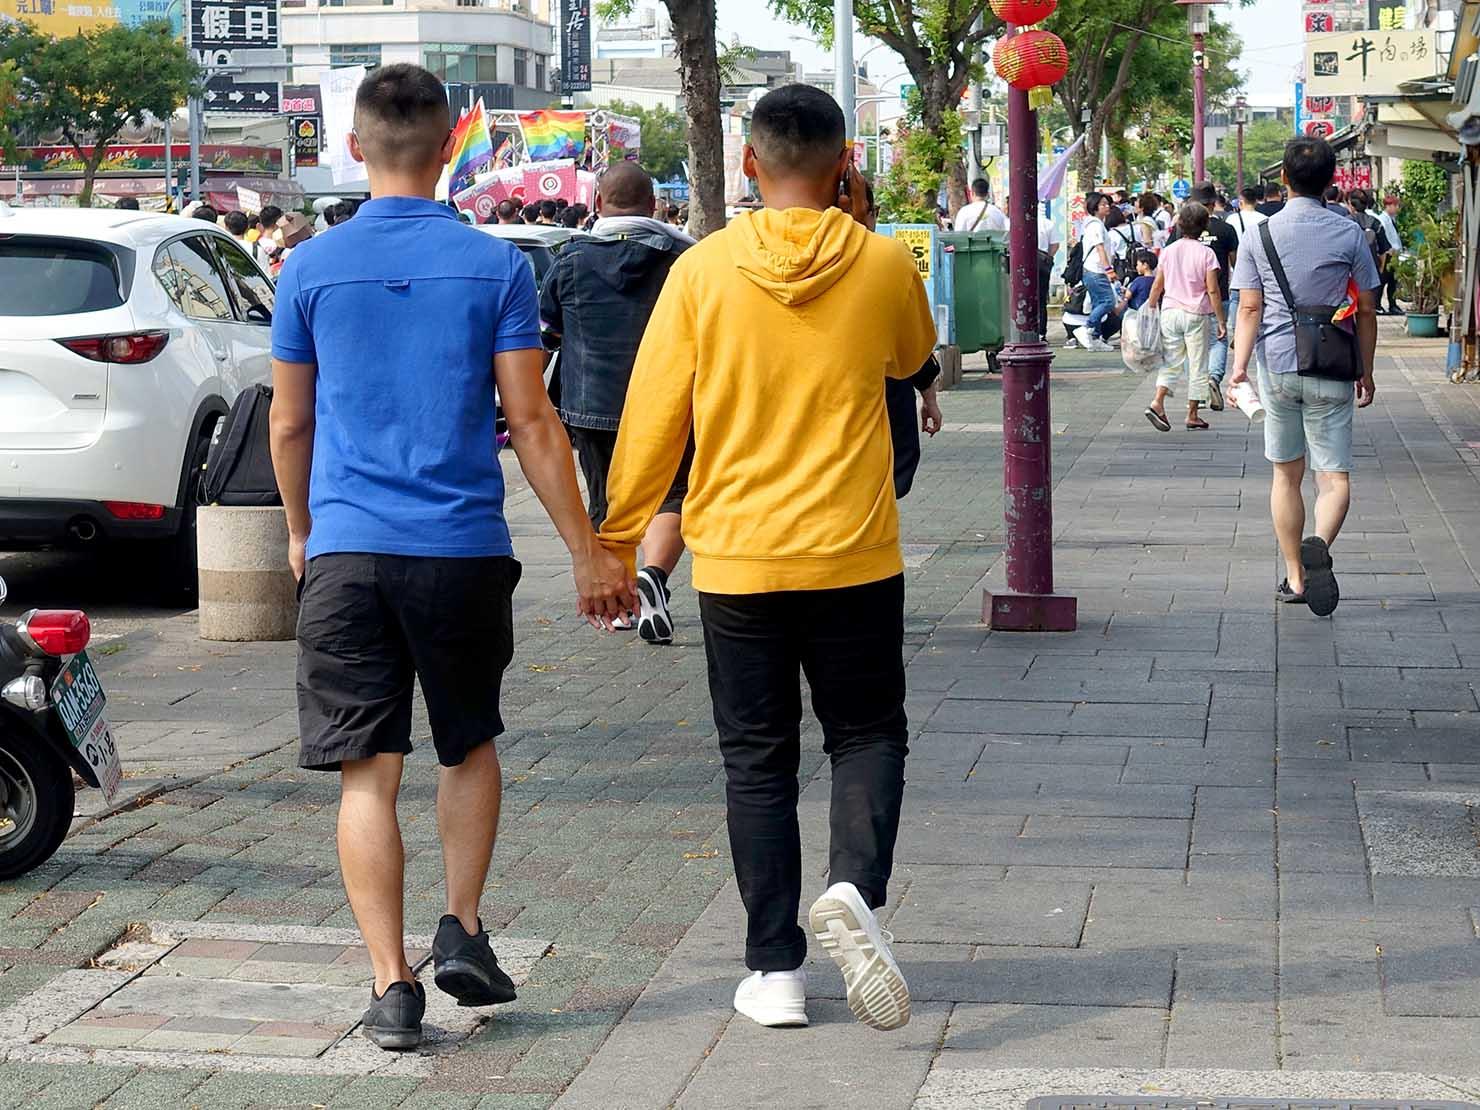 台南彩虹遊行(台南レインボーパレード)2019で手を繋いでパレードを歩くカップル